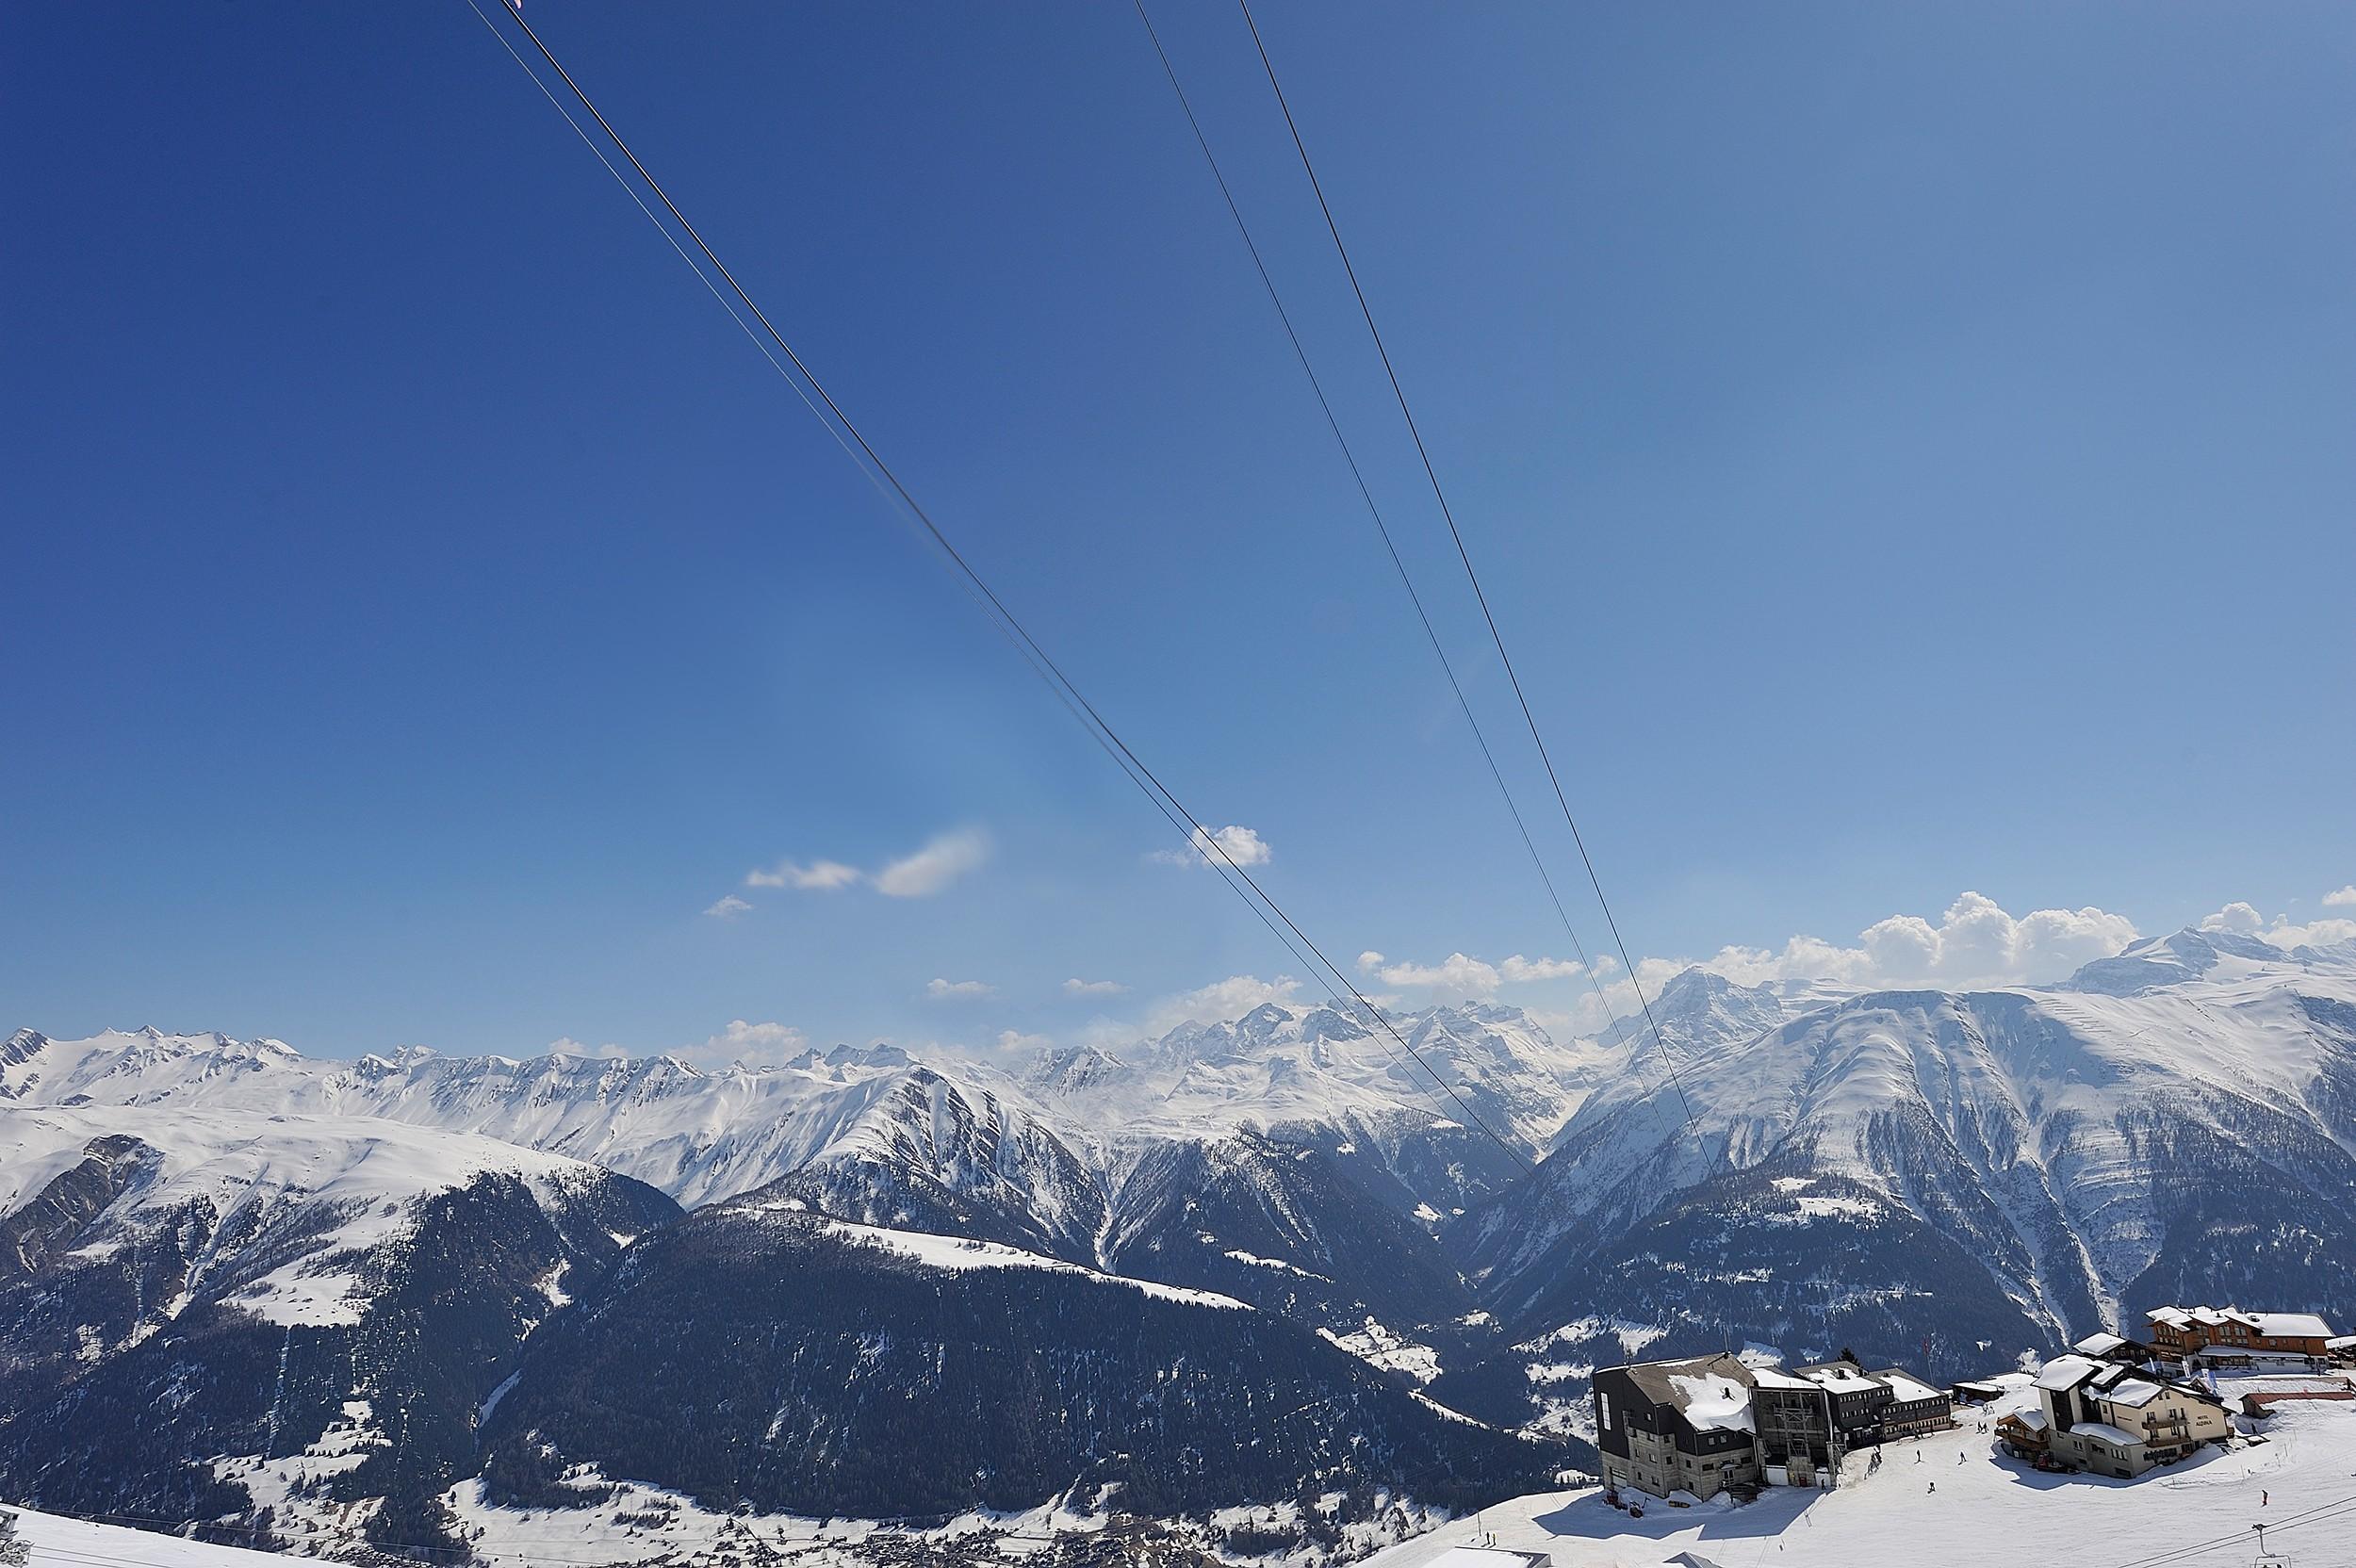 Besneeuwde bergen in een ski resort